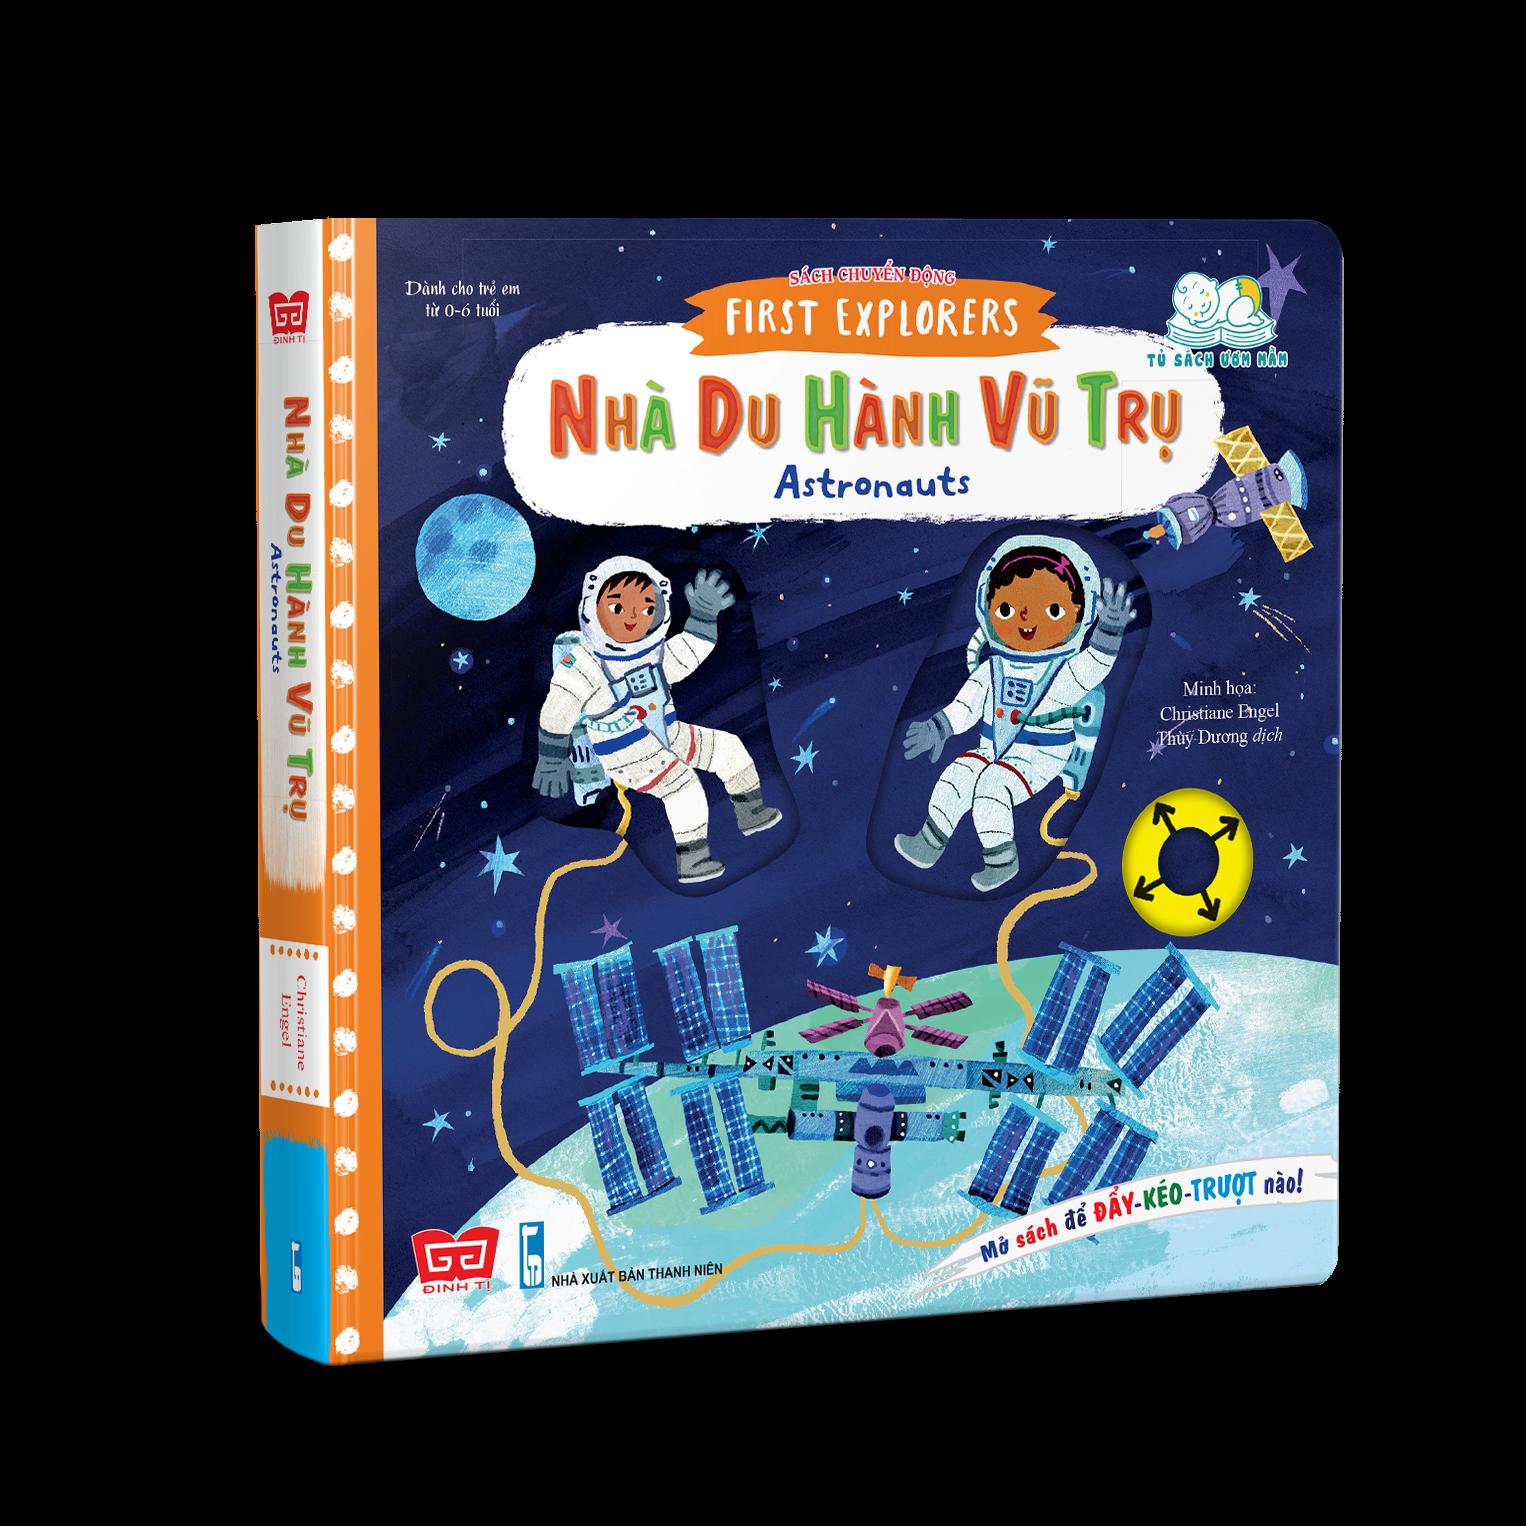 Sách chuyển động - First explorers - Astronauts - Nhà du hành vũ trụ